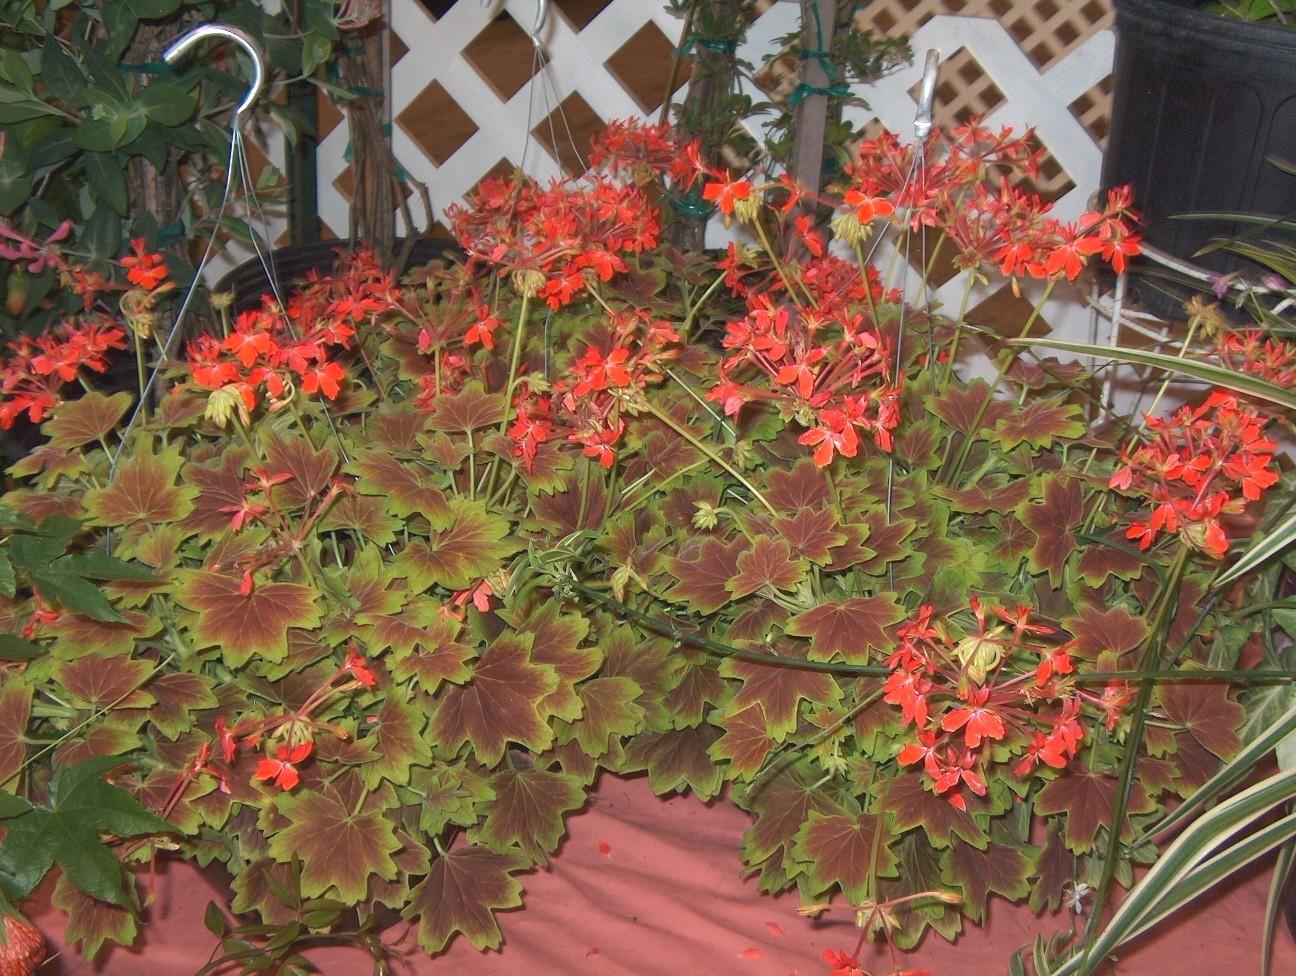 Pelargonium 'Vancouver Centennial'  / Pelargonium 'Vancouver Centennial'